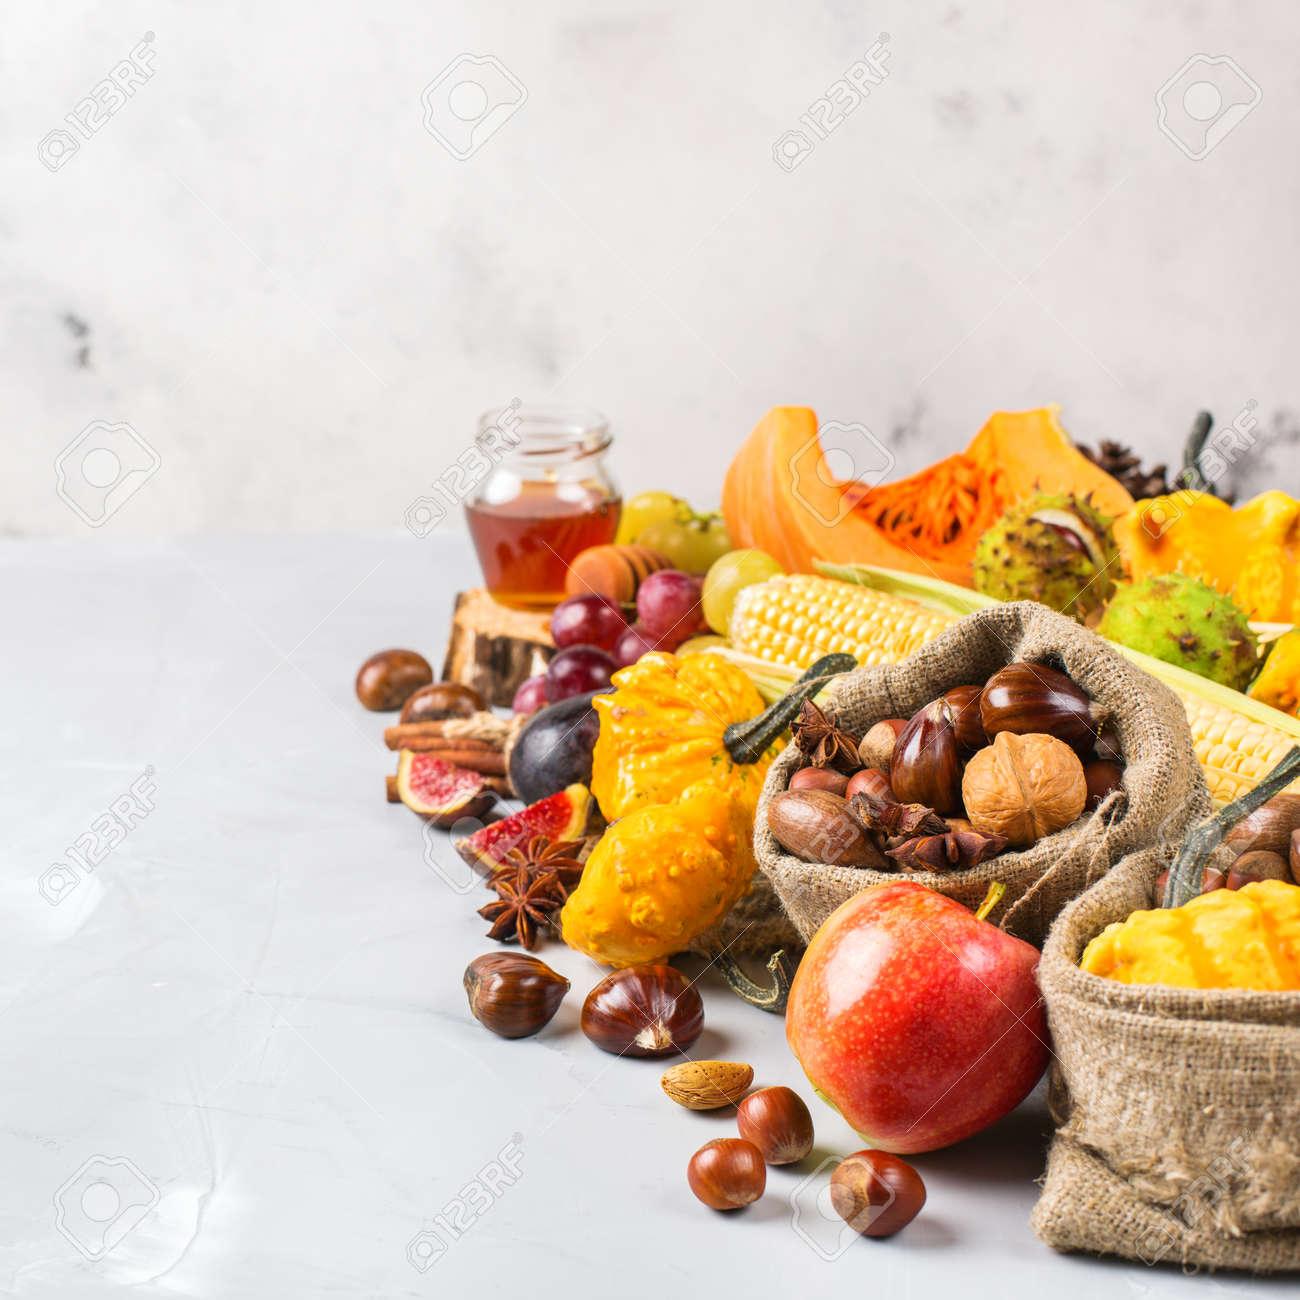 Herbst Herbst Ernte Konzept Kurbis Apfelkastanie Mais Nusse Trauben